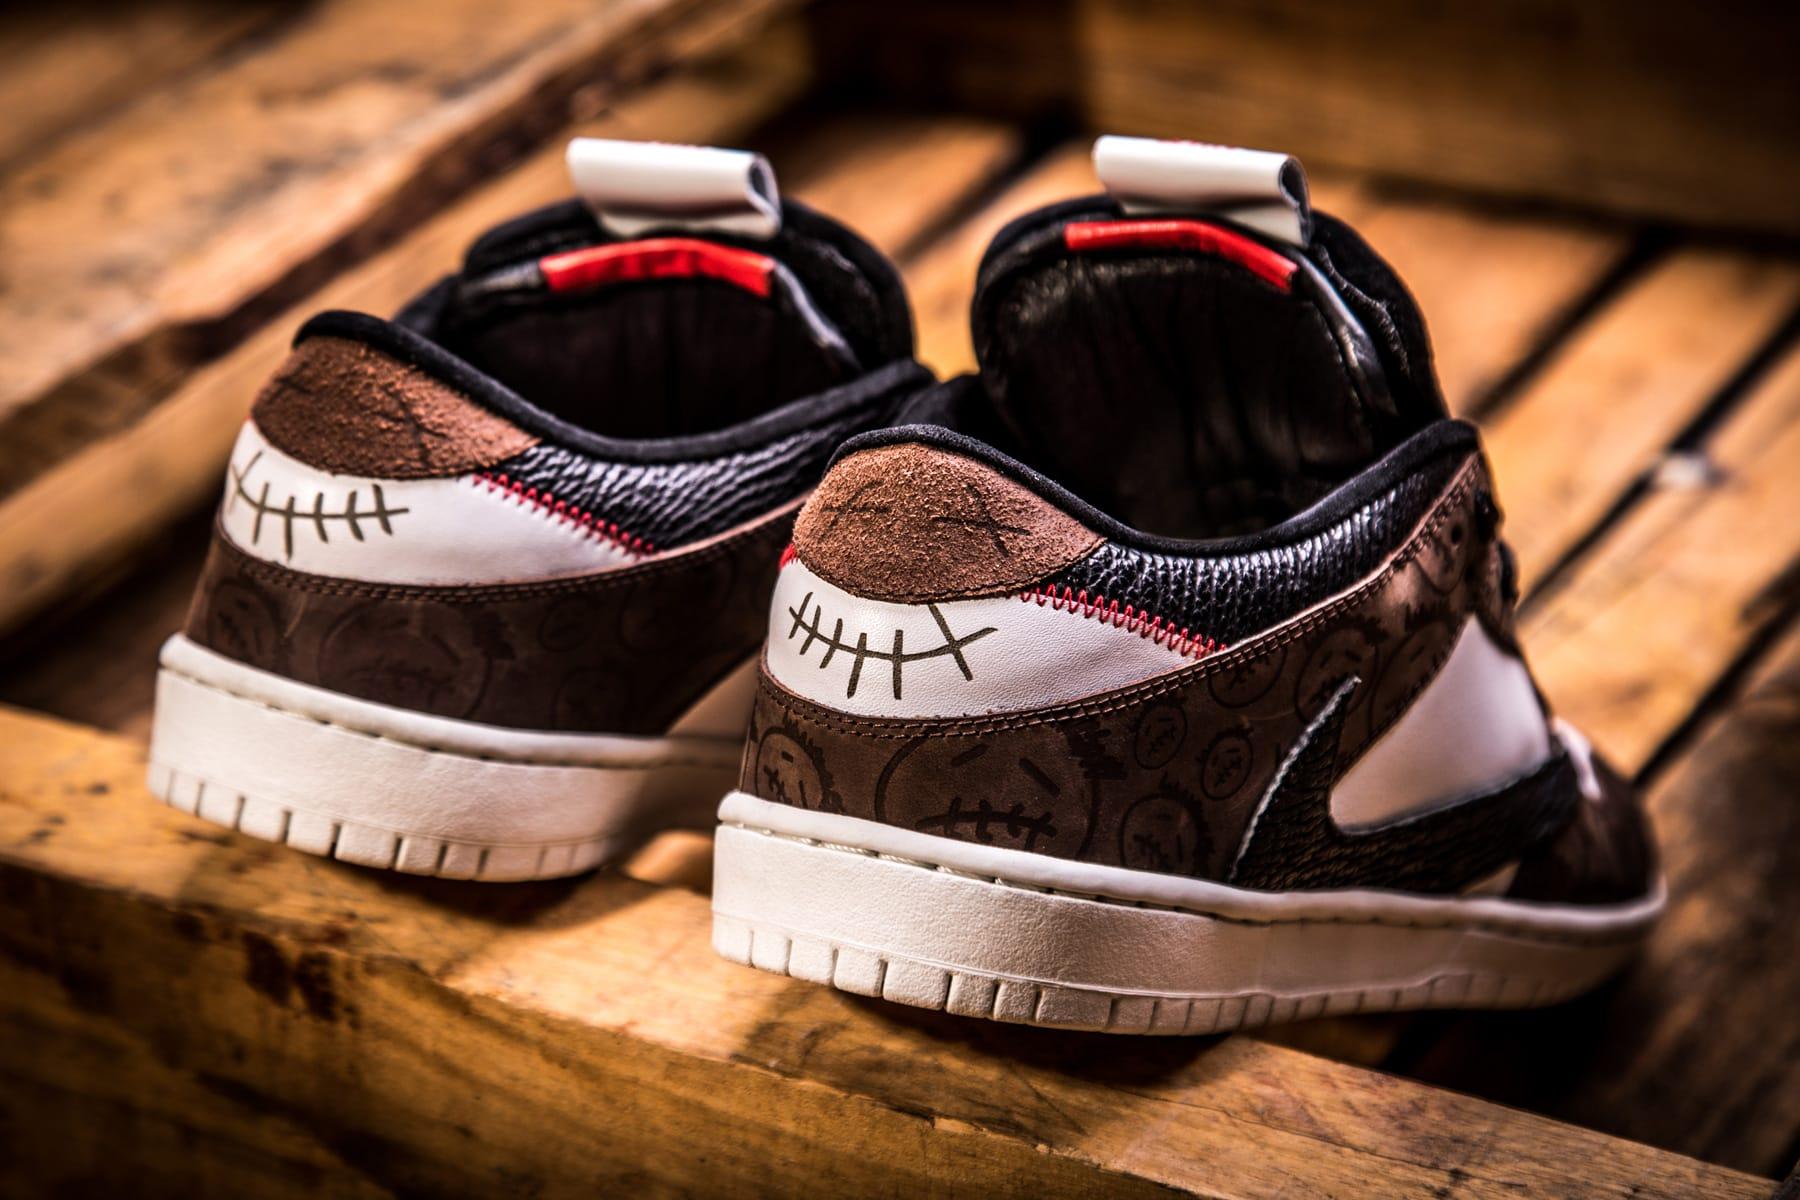 Nike SB Dunk \u0026 Air Jordan 1